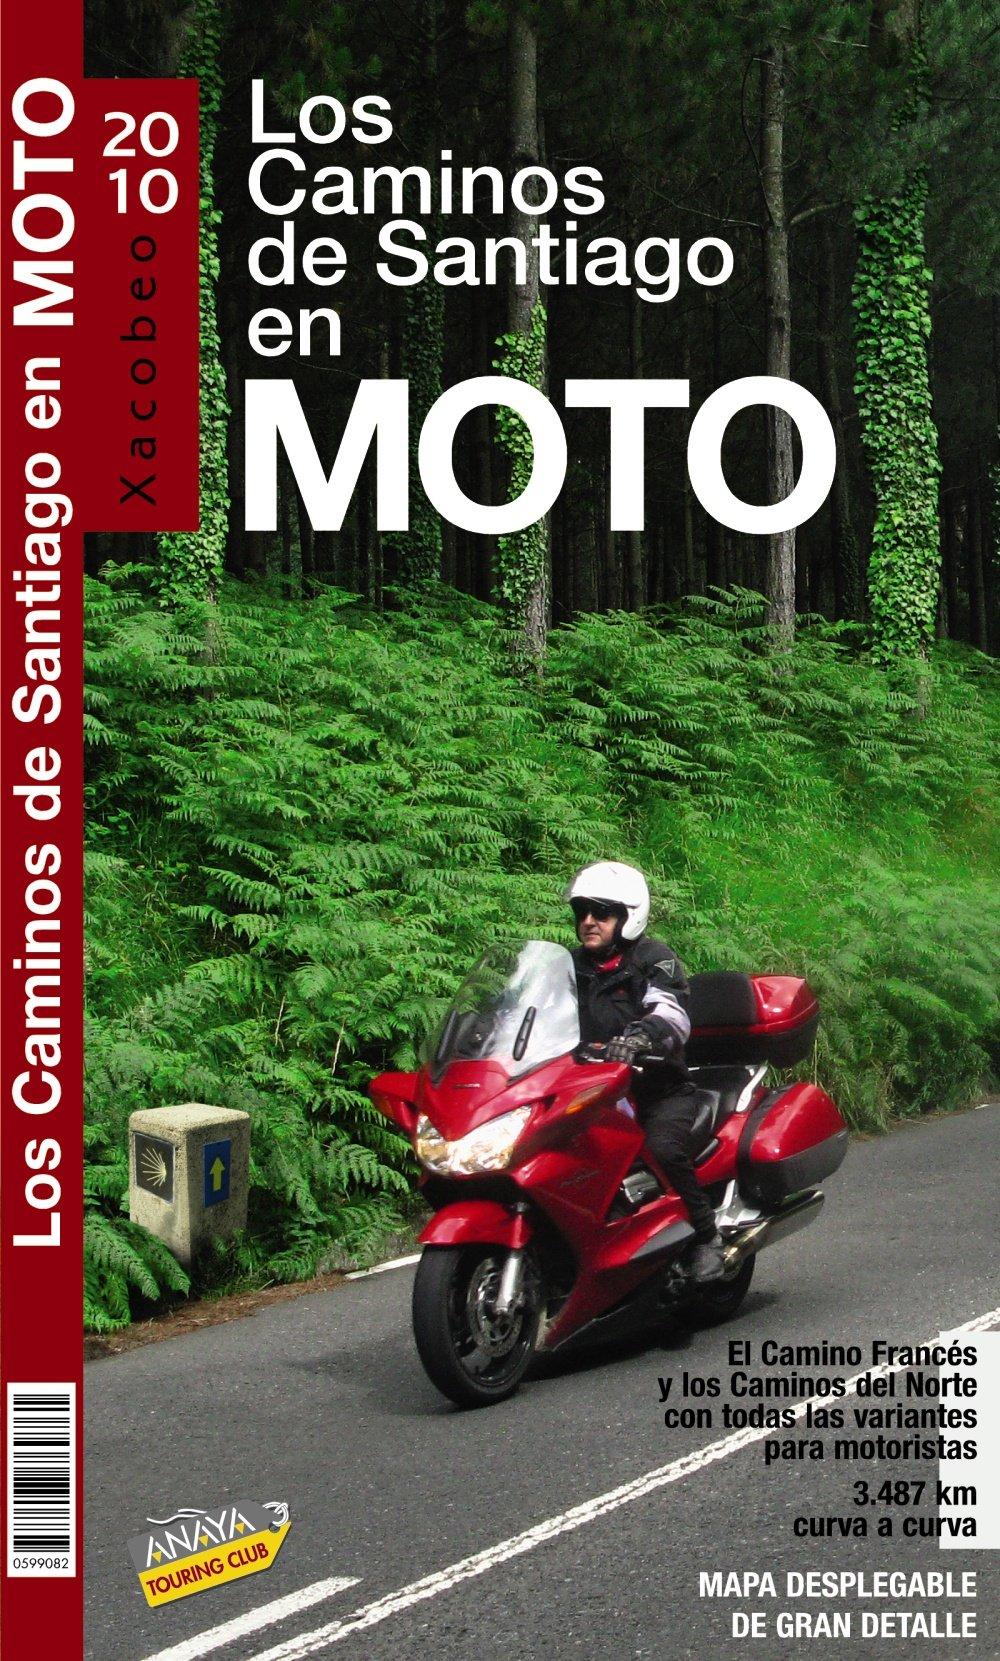 Los Caminos de Santiago en moto: Amazon.es: Anaya Touring, Pardo Blanco, Pedro: Libros